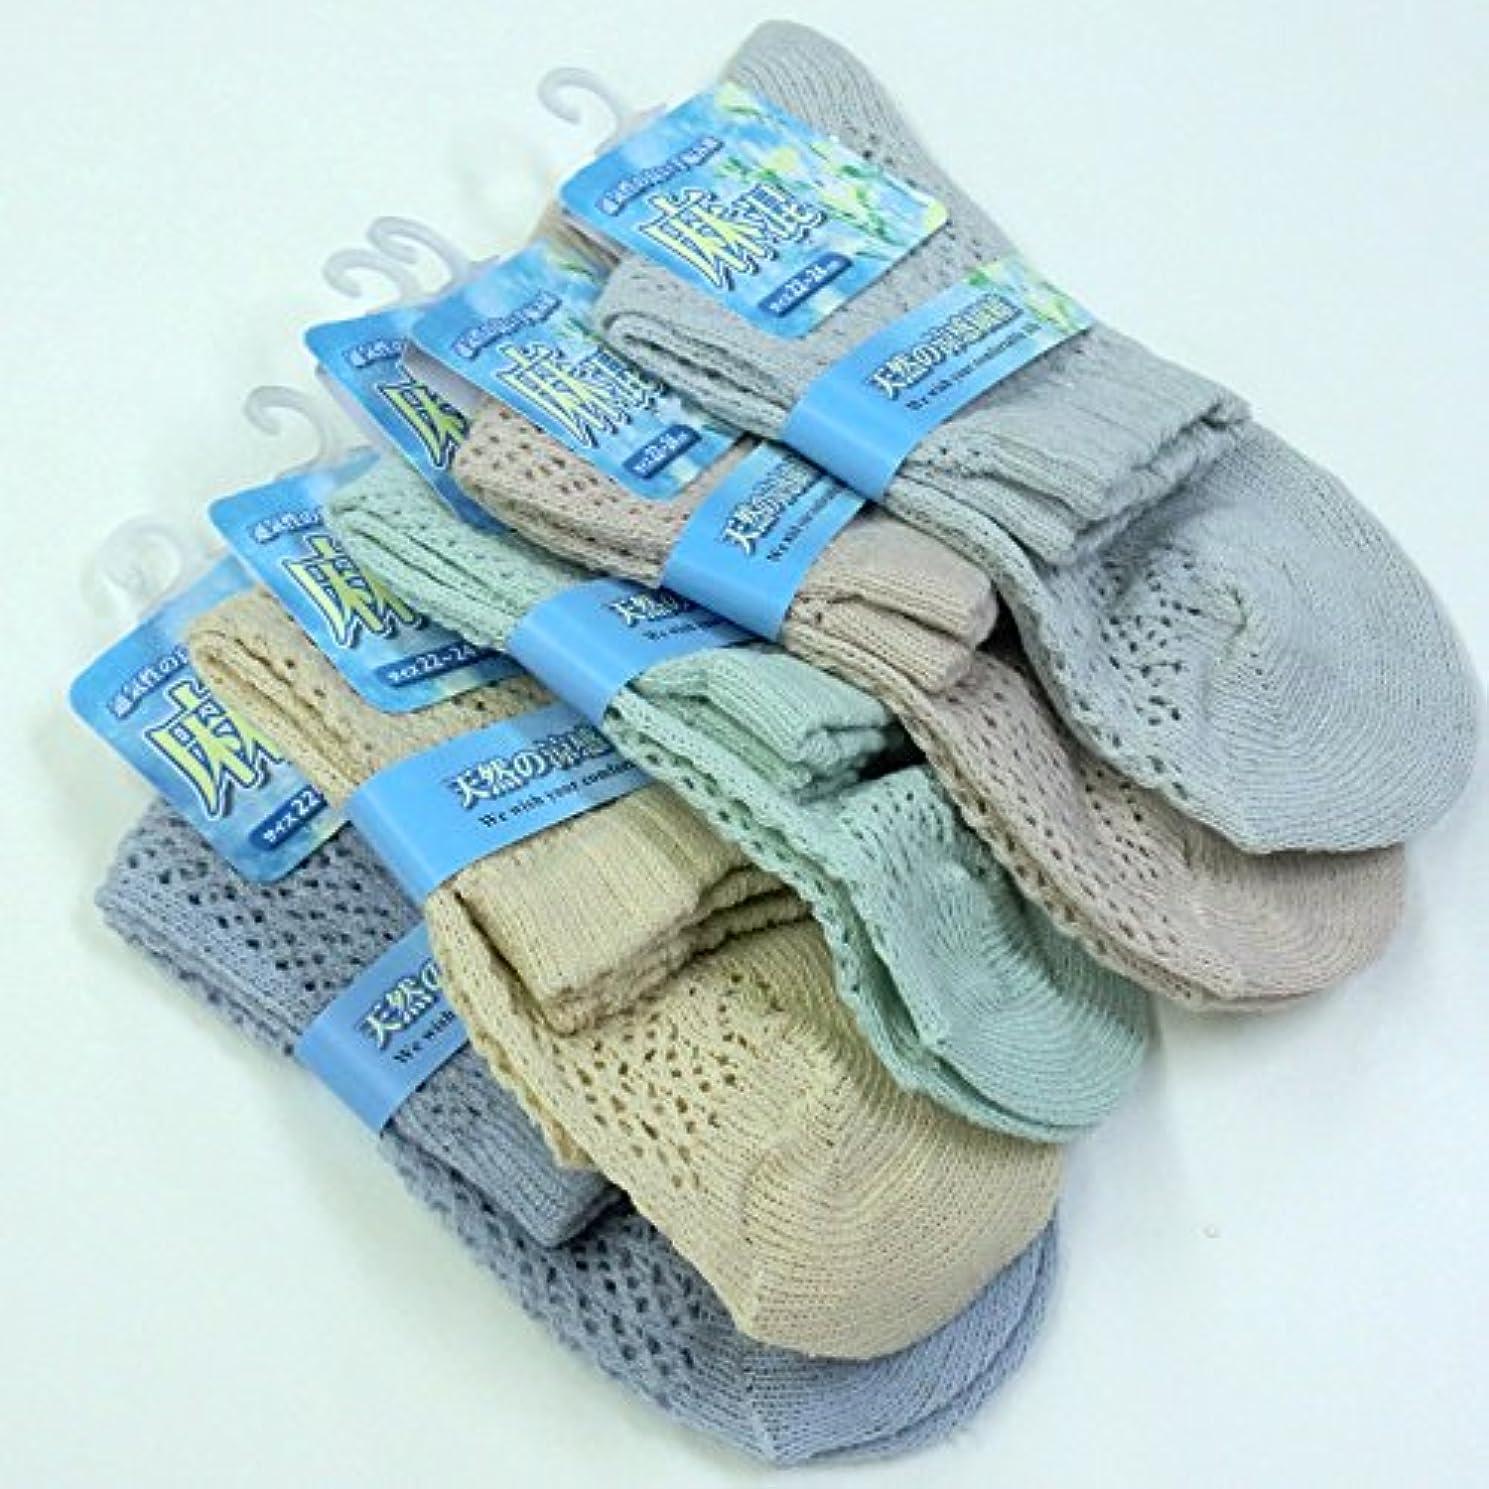 哀メトロポリタンブラウン靴下 レディース 麻混 涼しいルミーソックス おしゃれ手編み風 5色5足組